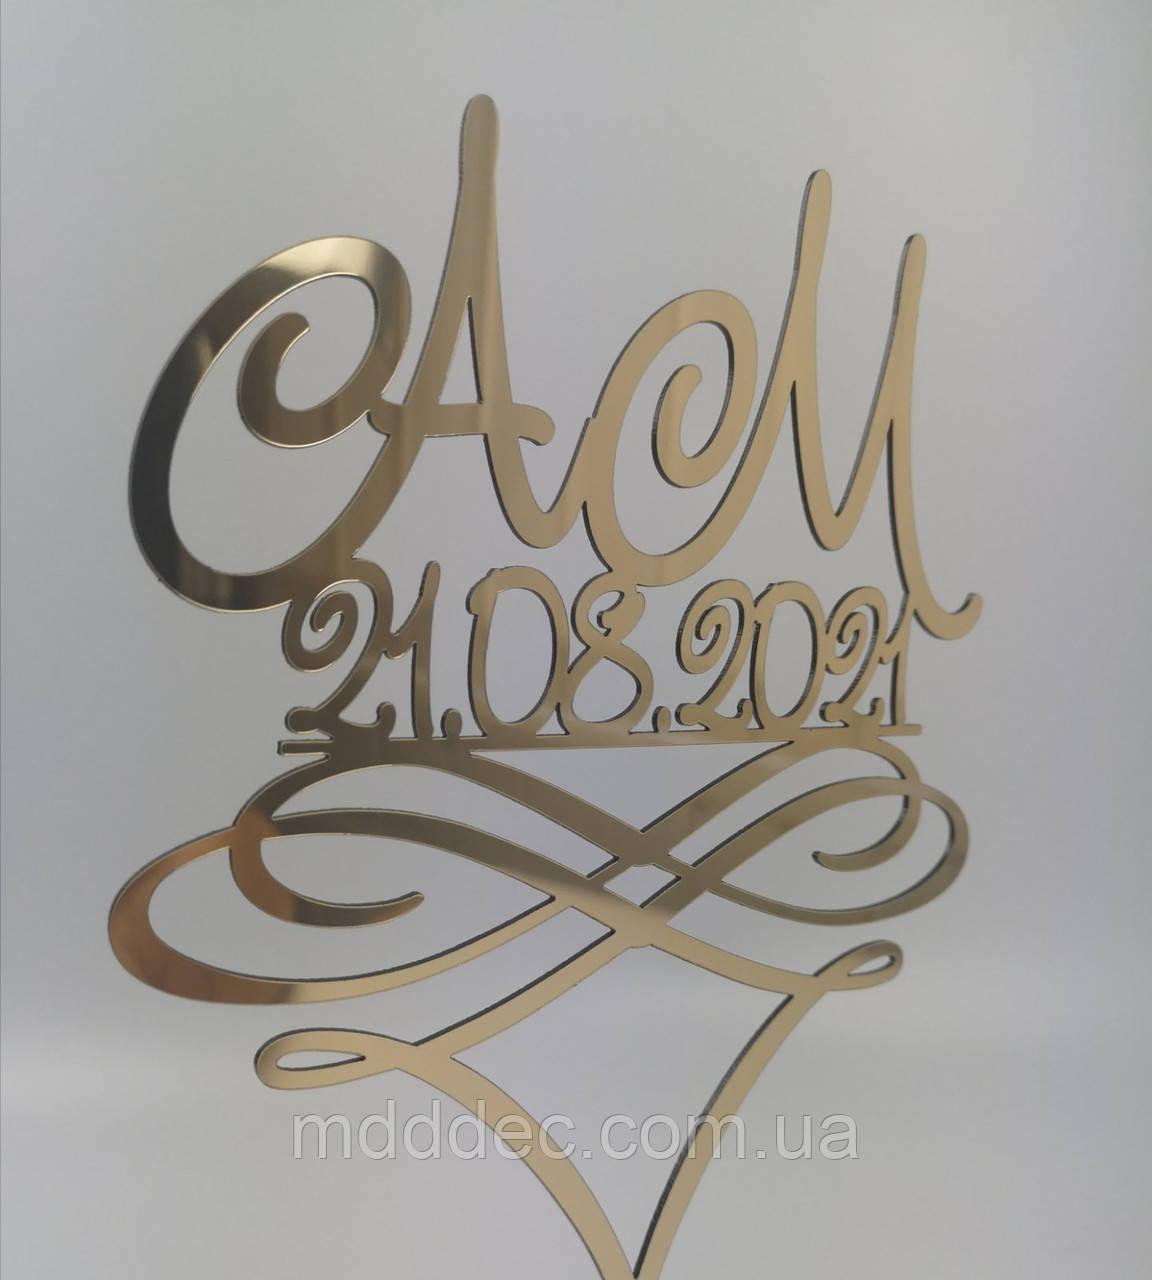 Весільний топпер дзеркальний золотий ініціали